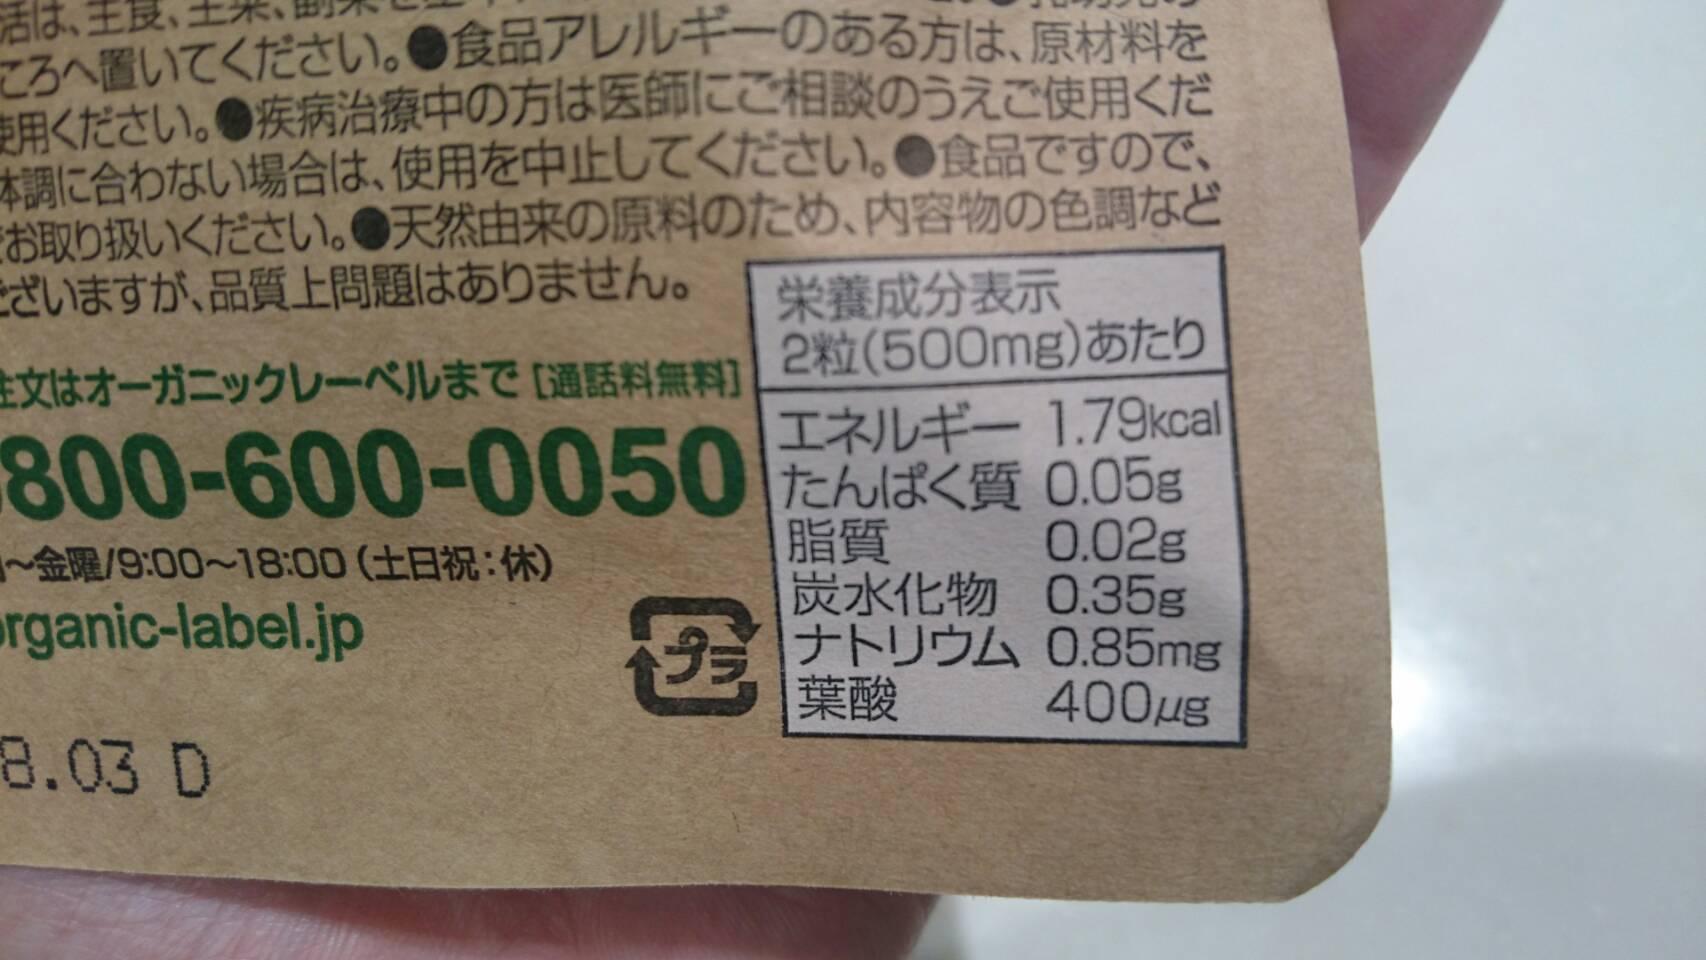 オーガニックレーベル葉酸サプリの栄養成分表示